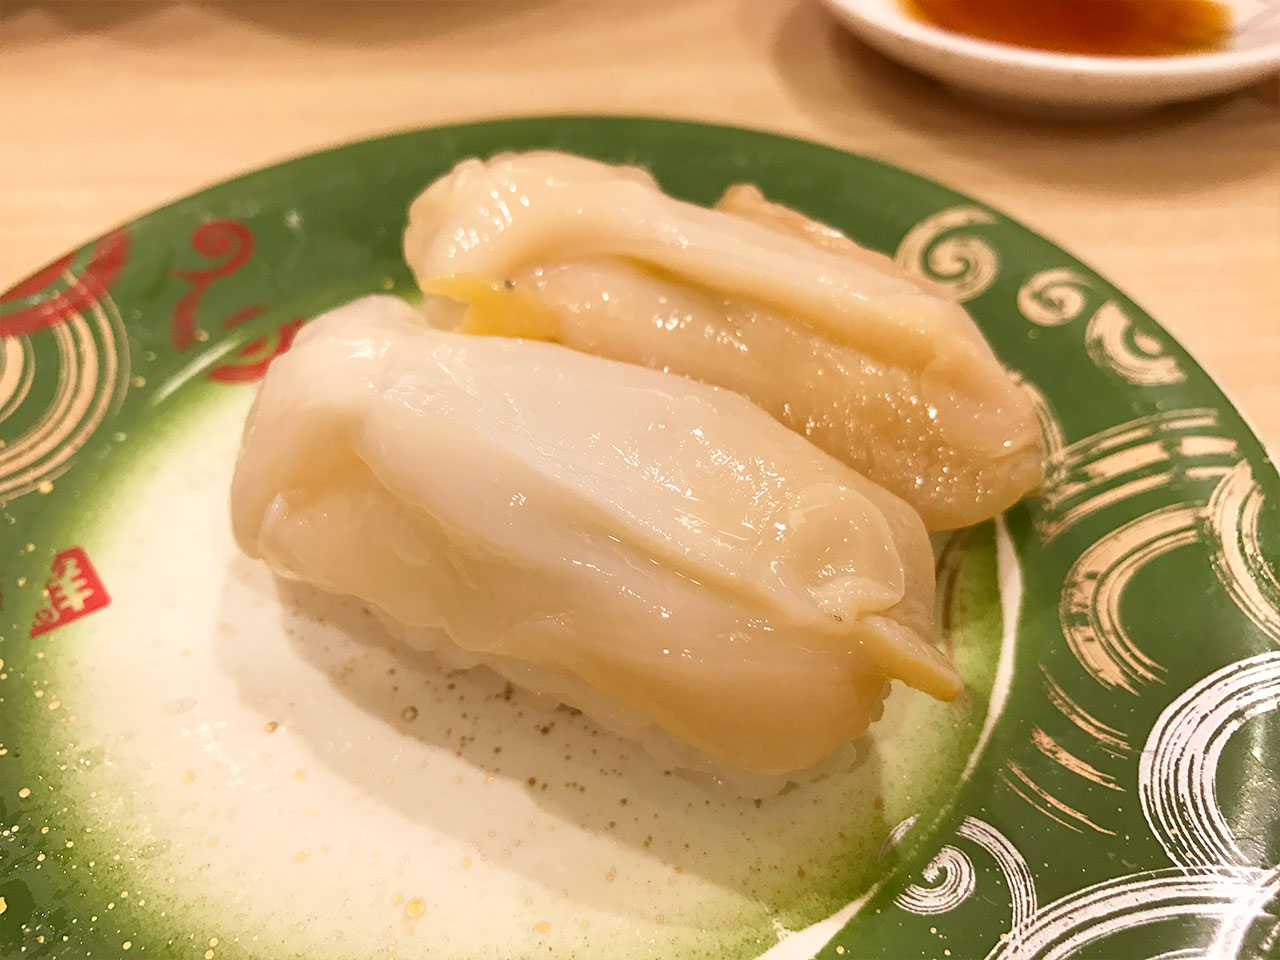 東京ソラマチ「トリトン」の寿司05